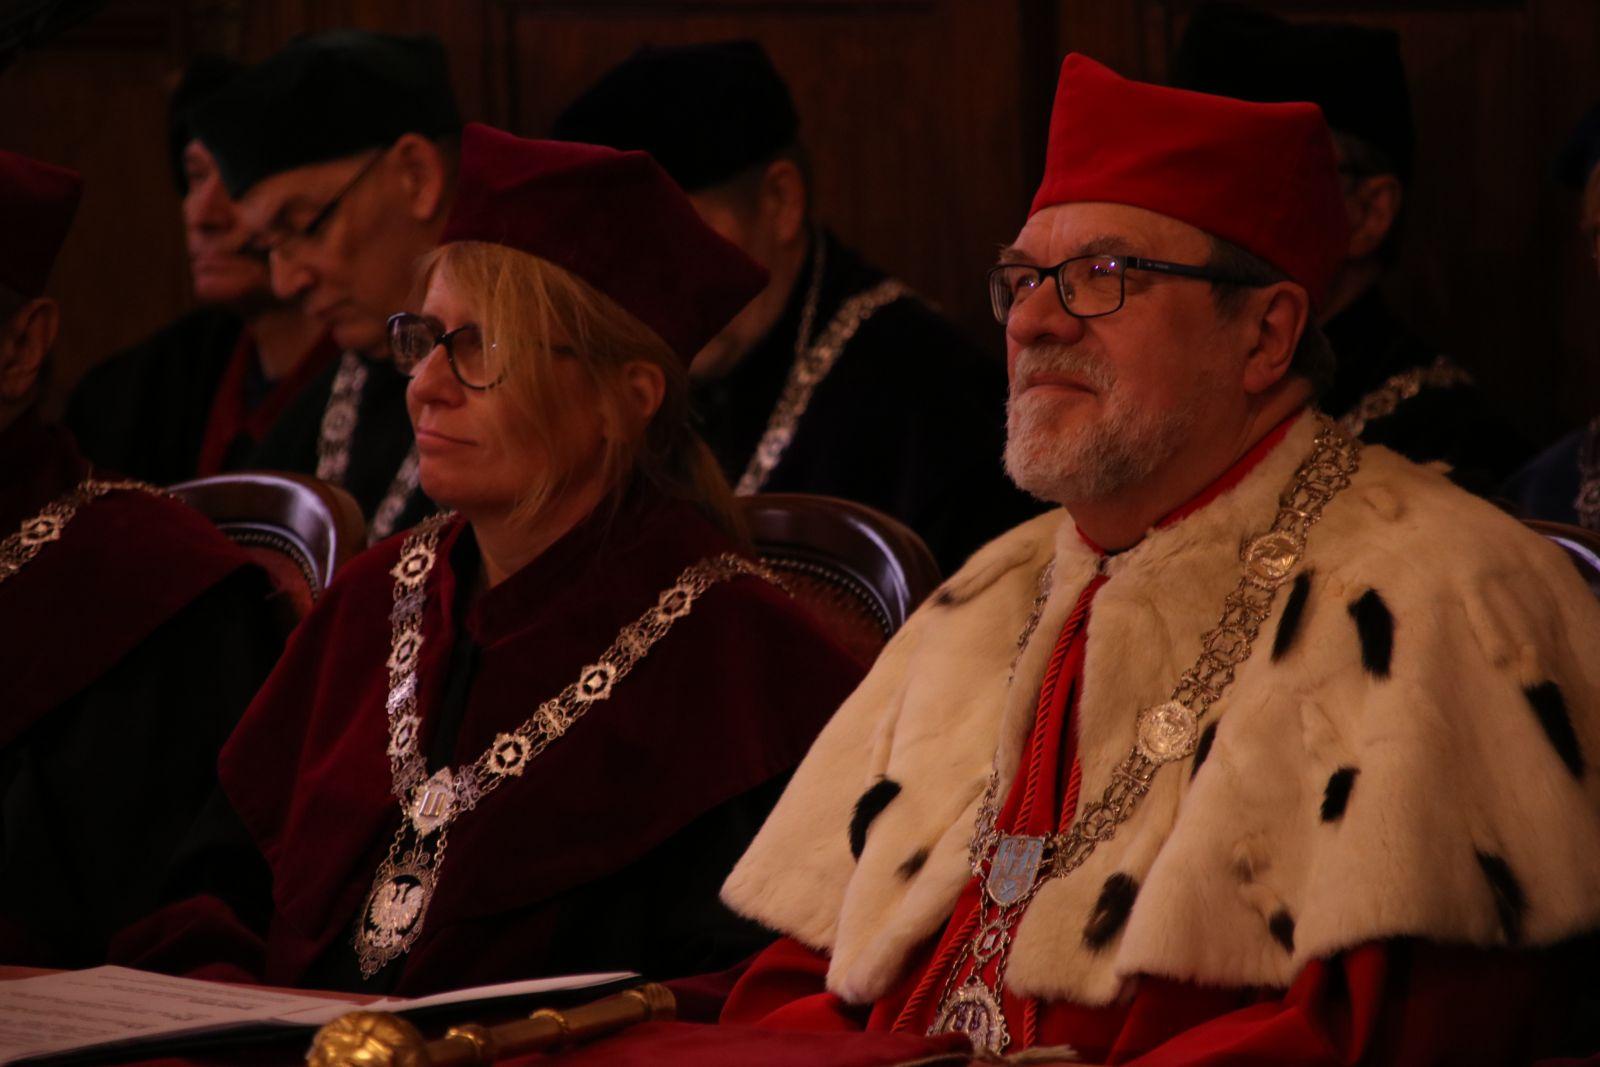 Zdjęcie - JMR prof. UAM dr hab. Andrzej Lesicki  i prorektor ds. studenckich  prof. dr hab. Bogumiła Kaniewska